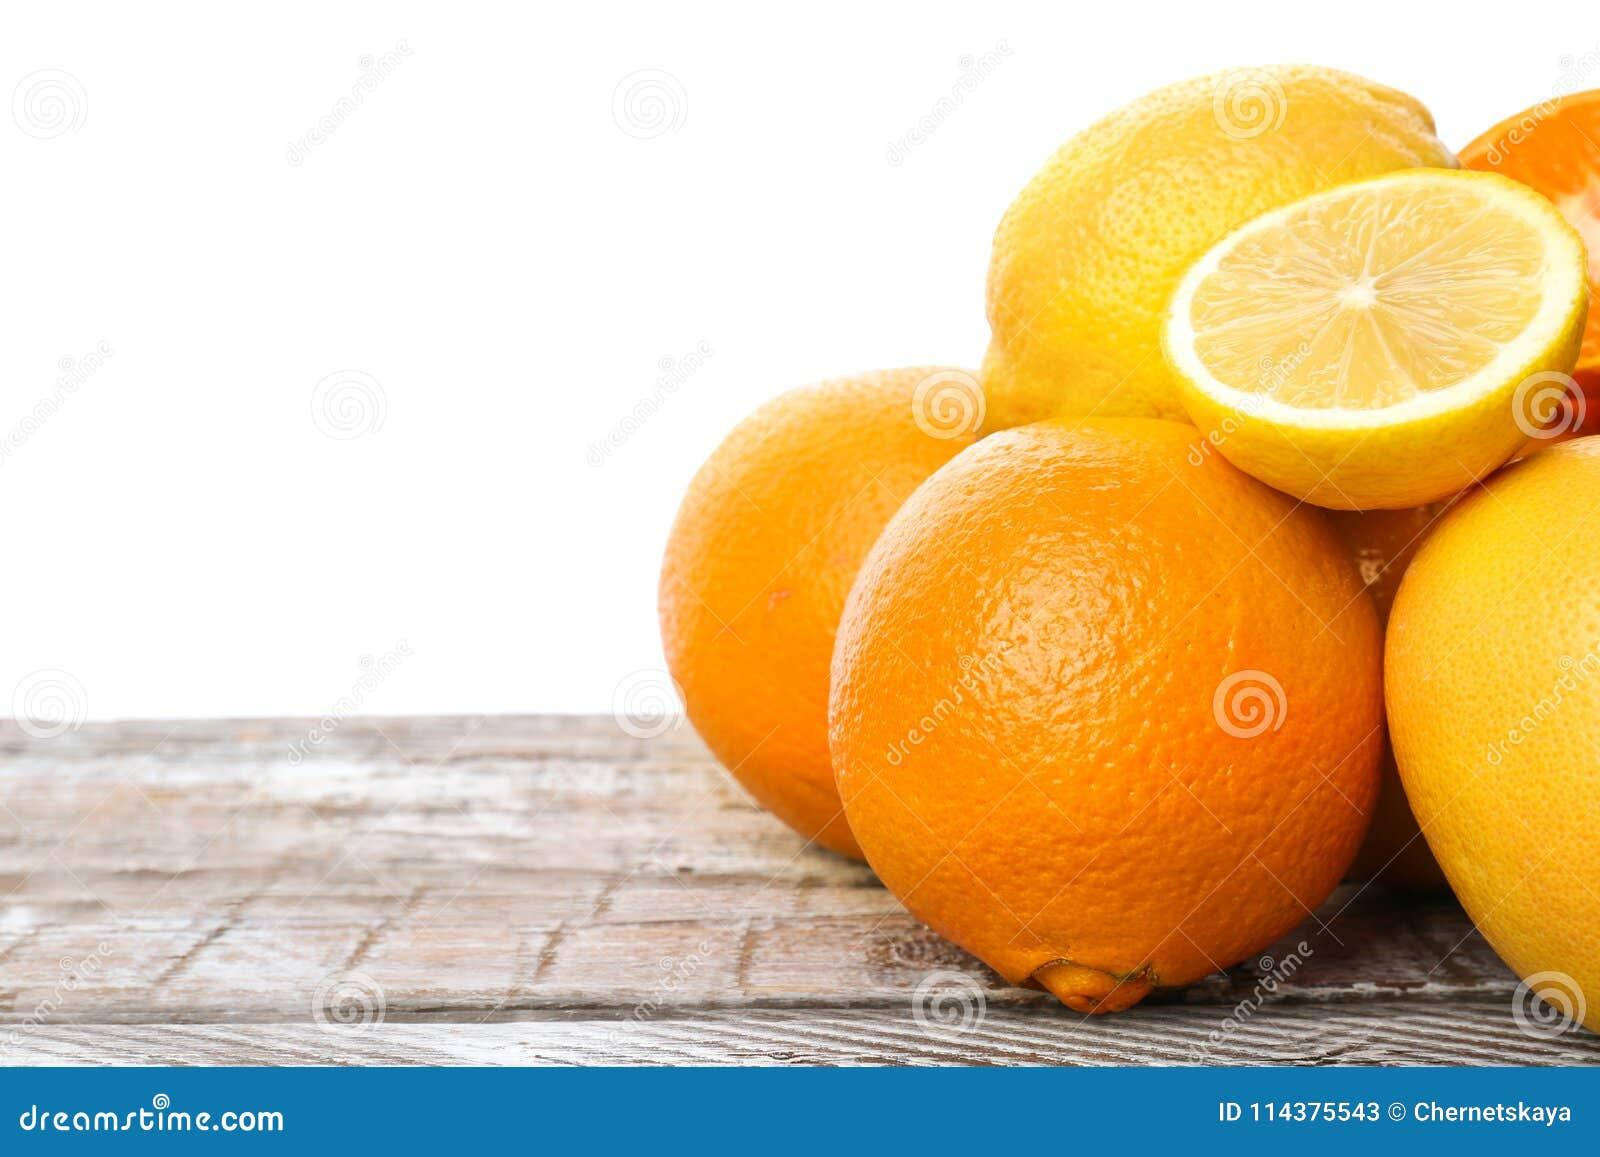 套新鲜的柑橘水果